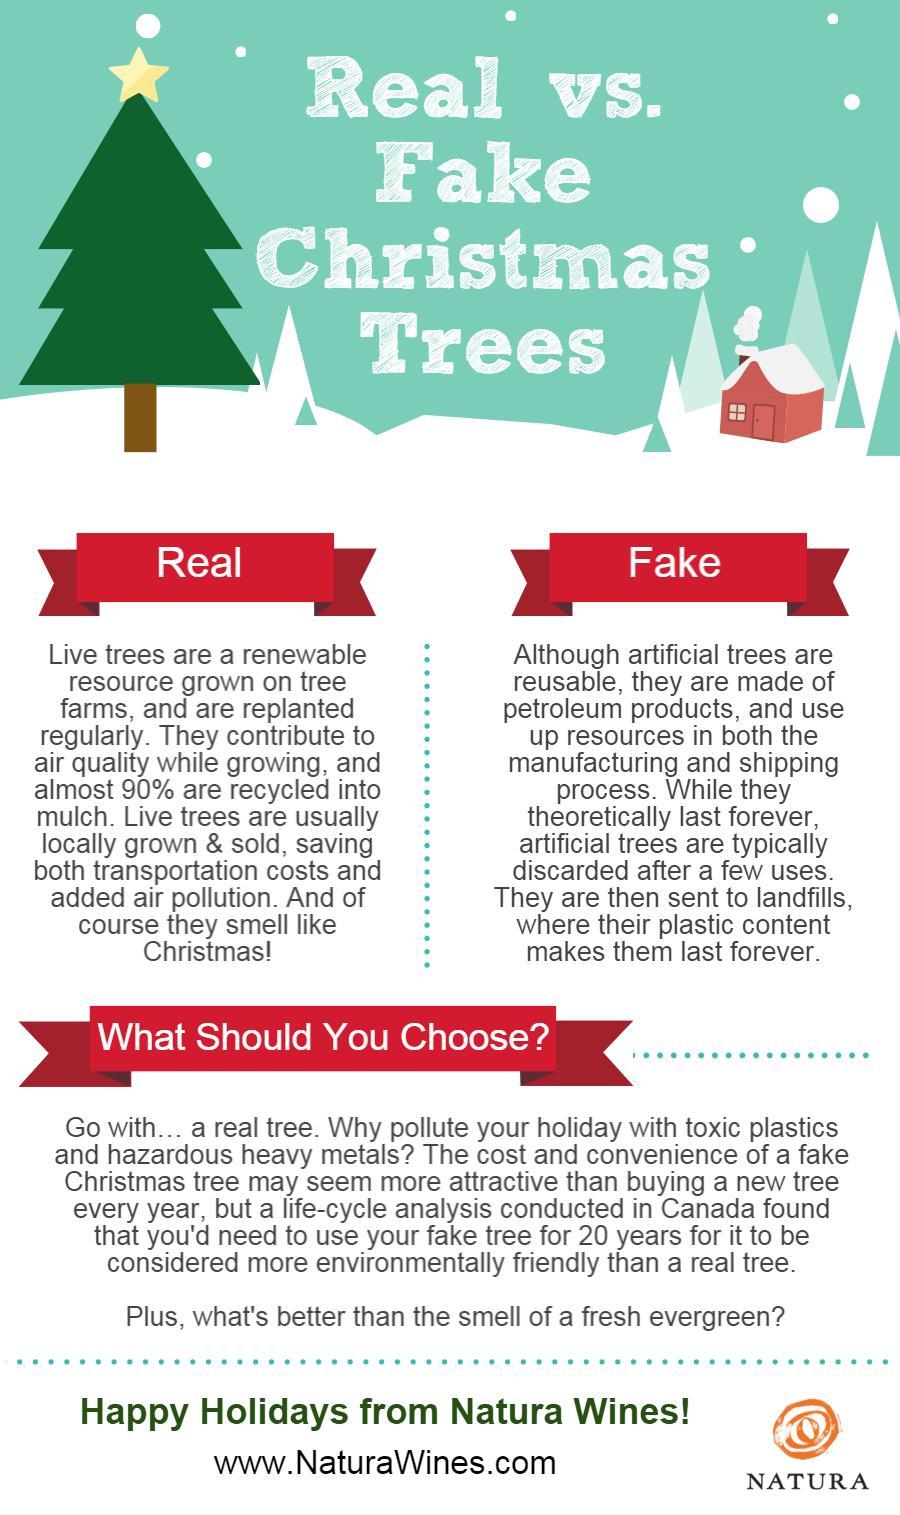 Real Vs. Fake Christmas Trees (Infographic)